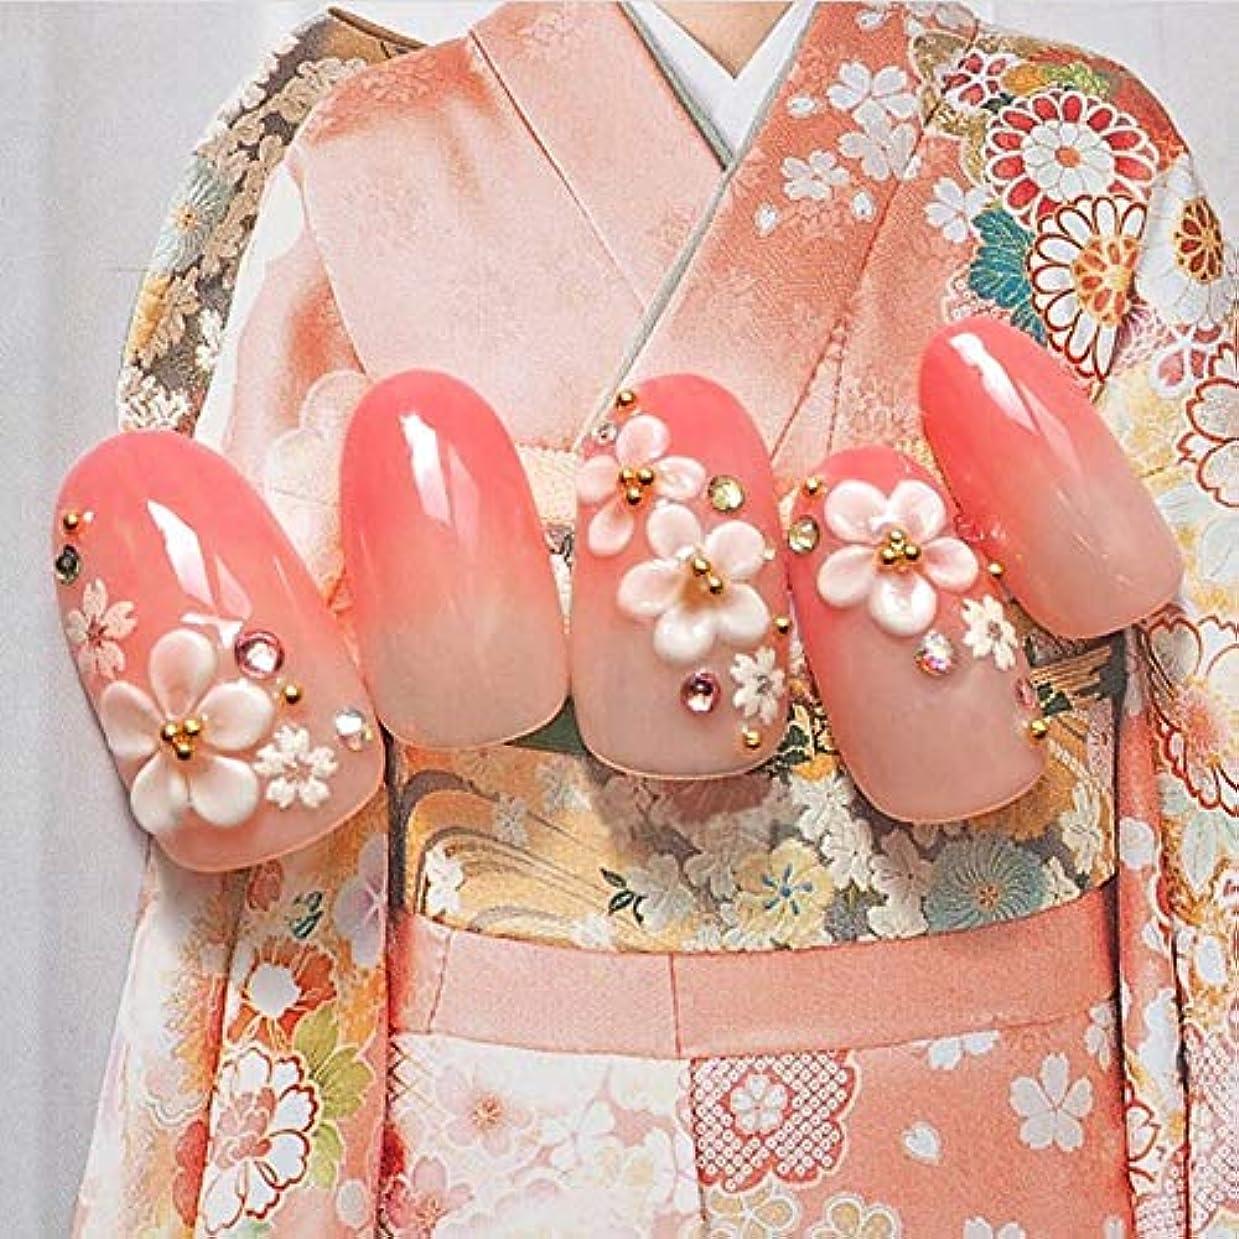 大抑制底XUTXZKA ファッションのために装飾された24pcsファッションロングフェイクネイルのヒントオーバルピンクグラデーションの花